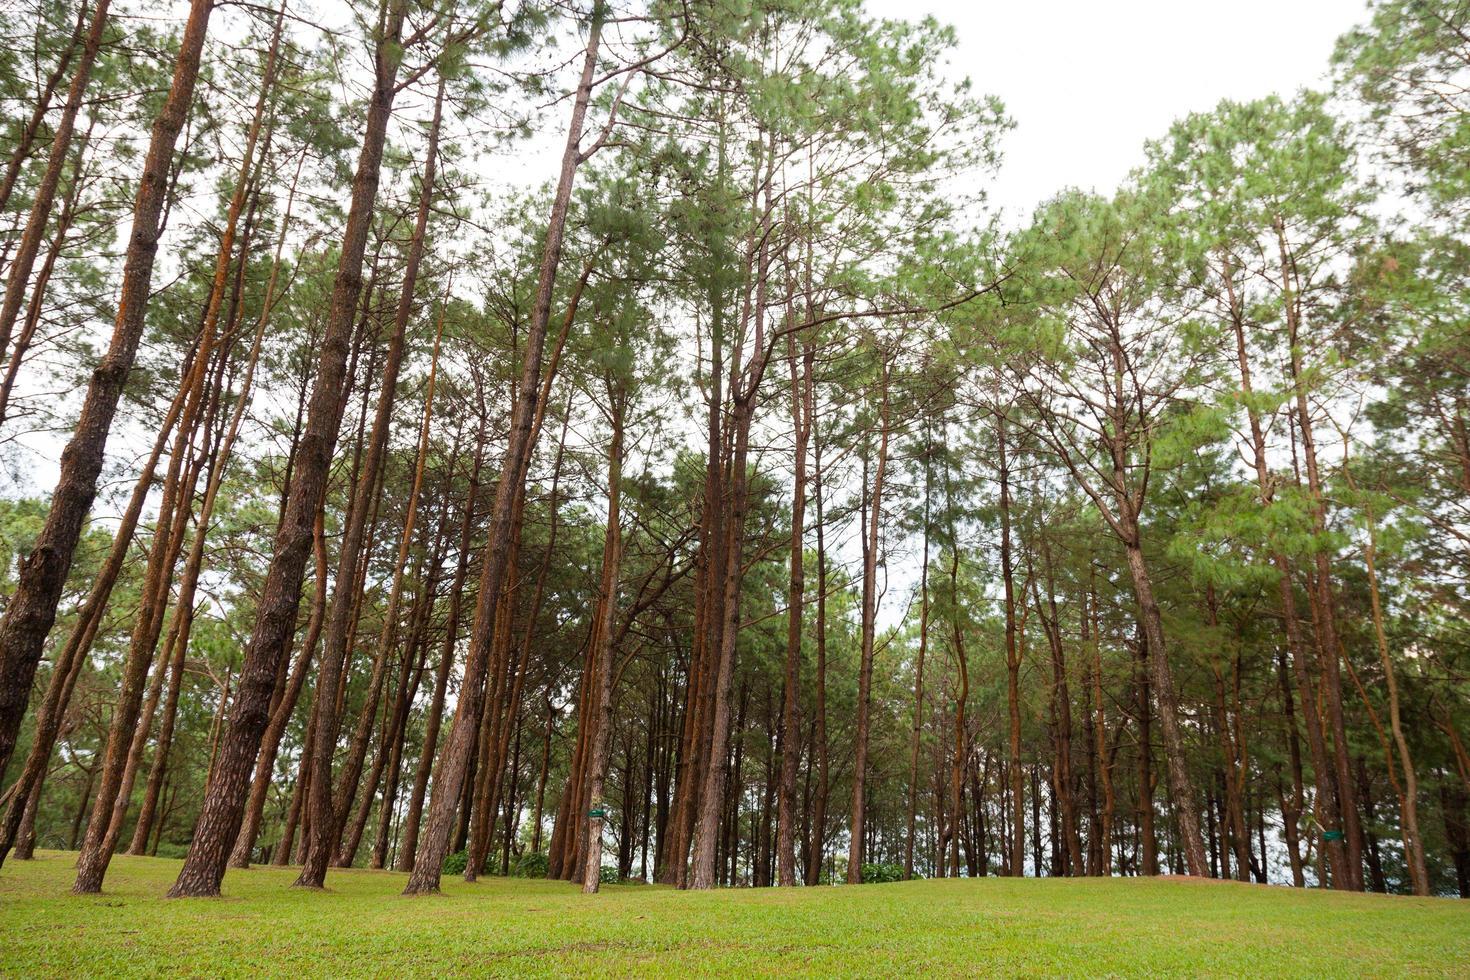 pinos que crecen en el parque. foto